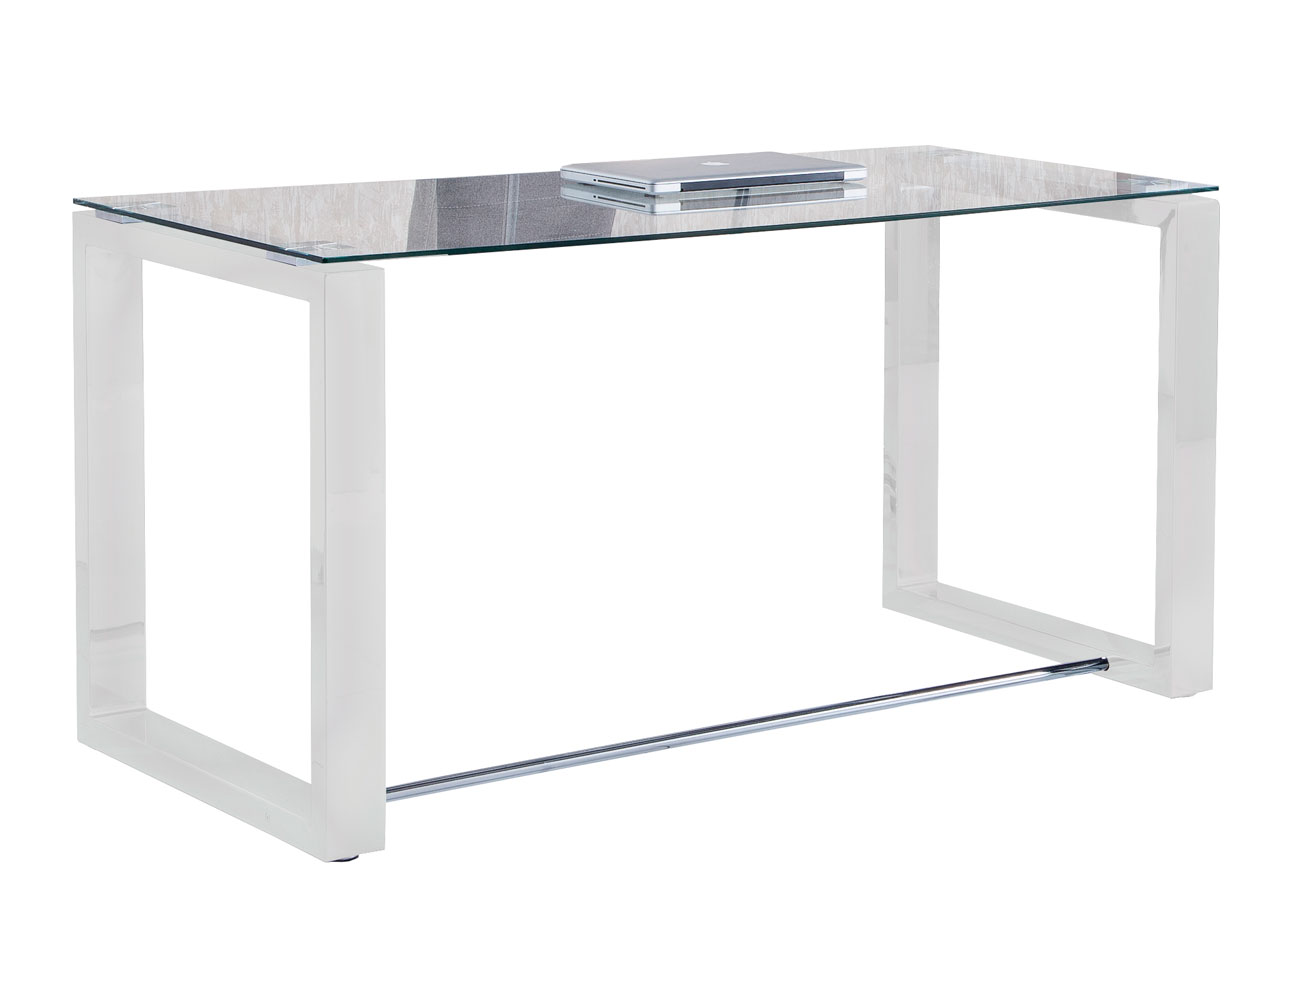 Mesa despacho u oficina en cristal tramplado 140 cm ancho (3275 ...